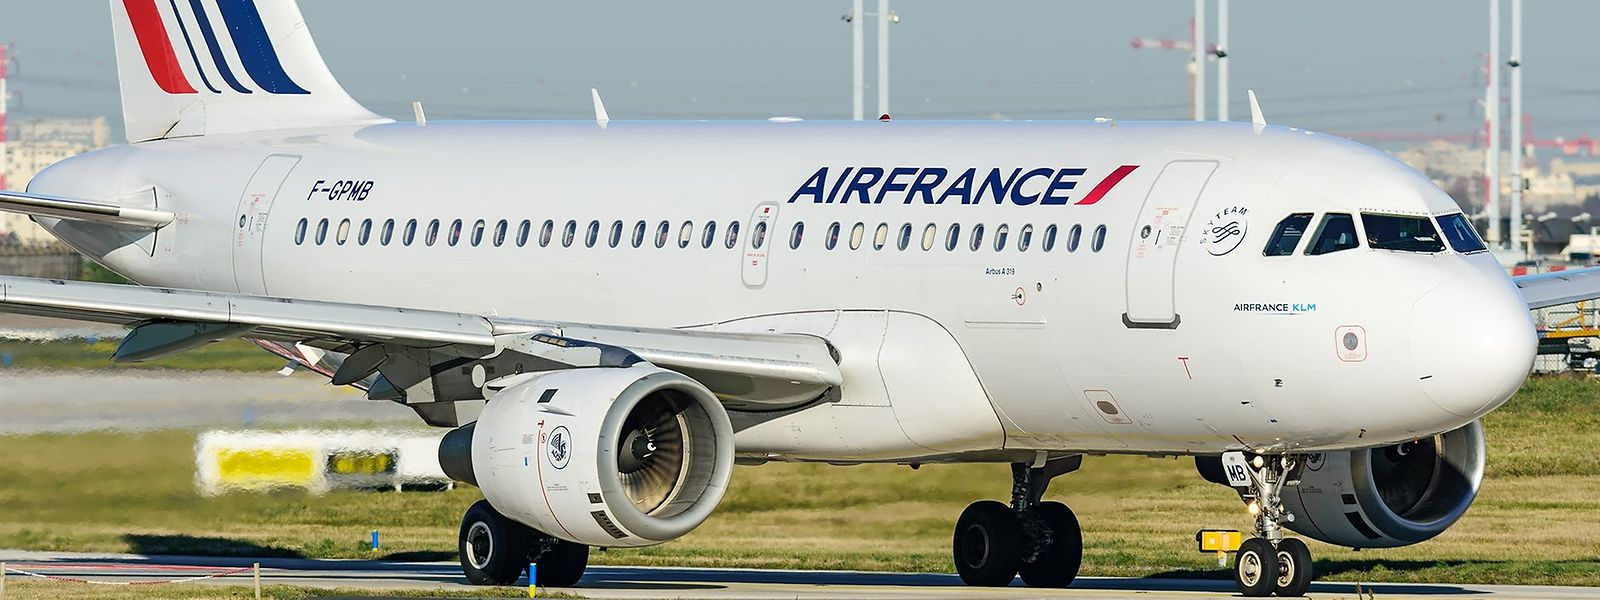 Warum der Airbus A319 der Air France in Luxemburg notlanden musste, ist derzeit noch nicht bekannt.